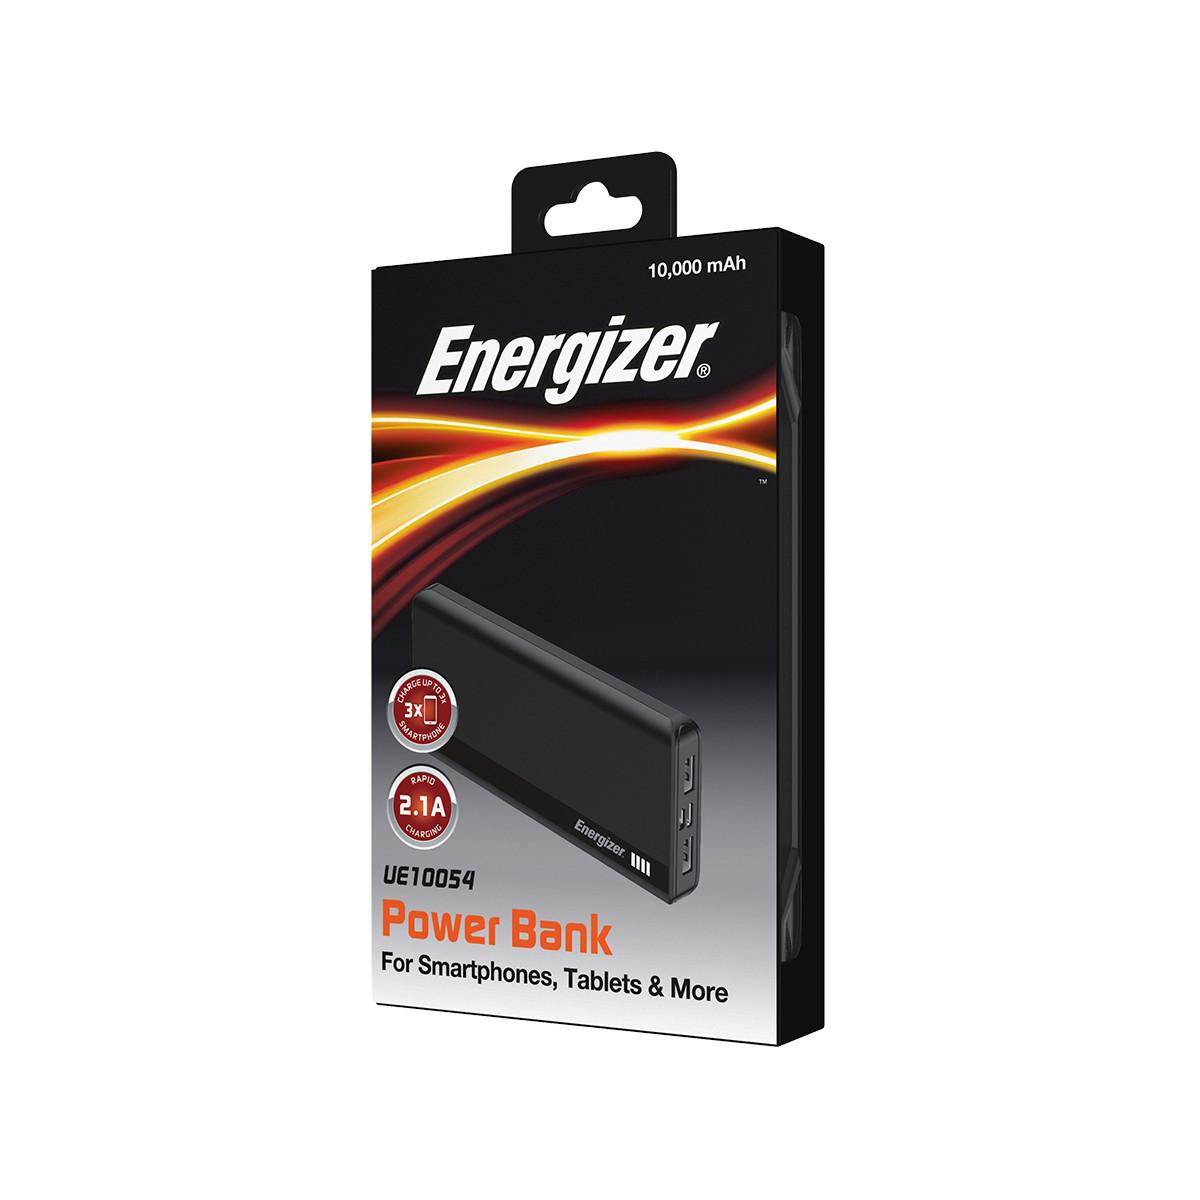 Sạc dự phòng Energizer 10,000mAh /3.7V Li-Polymer - UE10054 - Hàng Chính Hãng